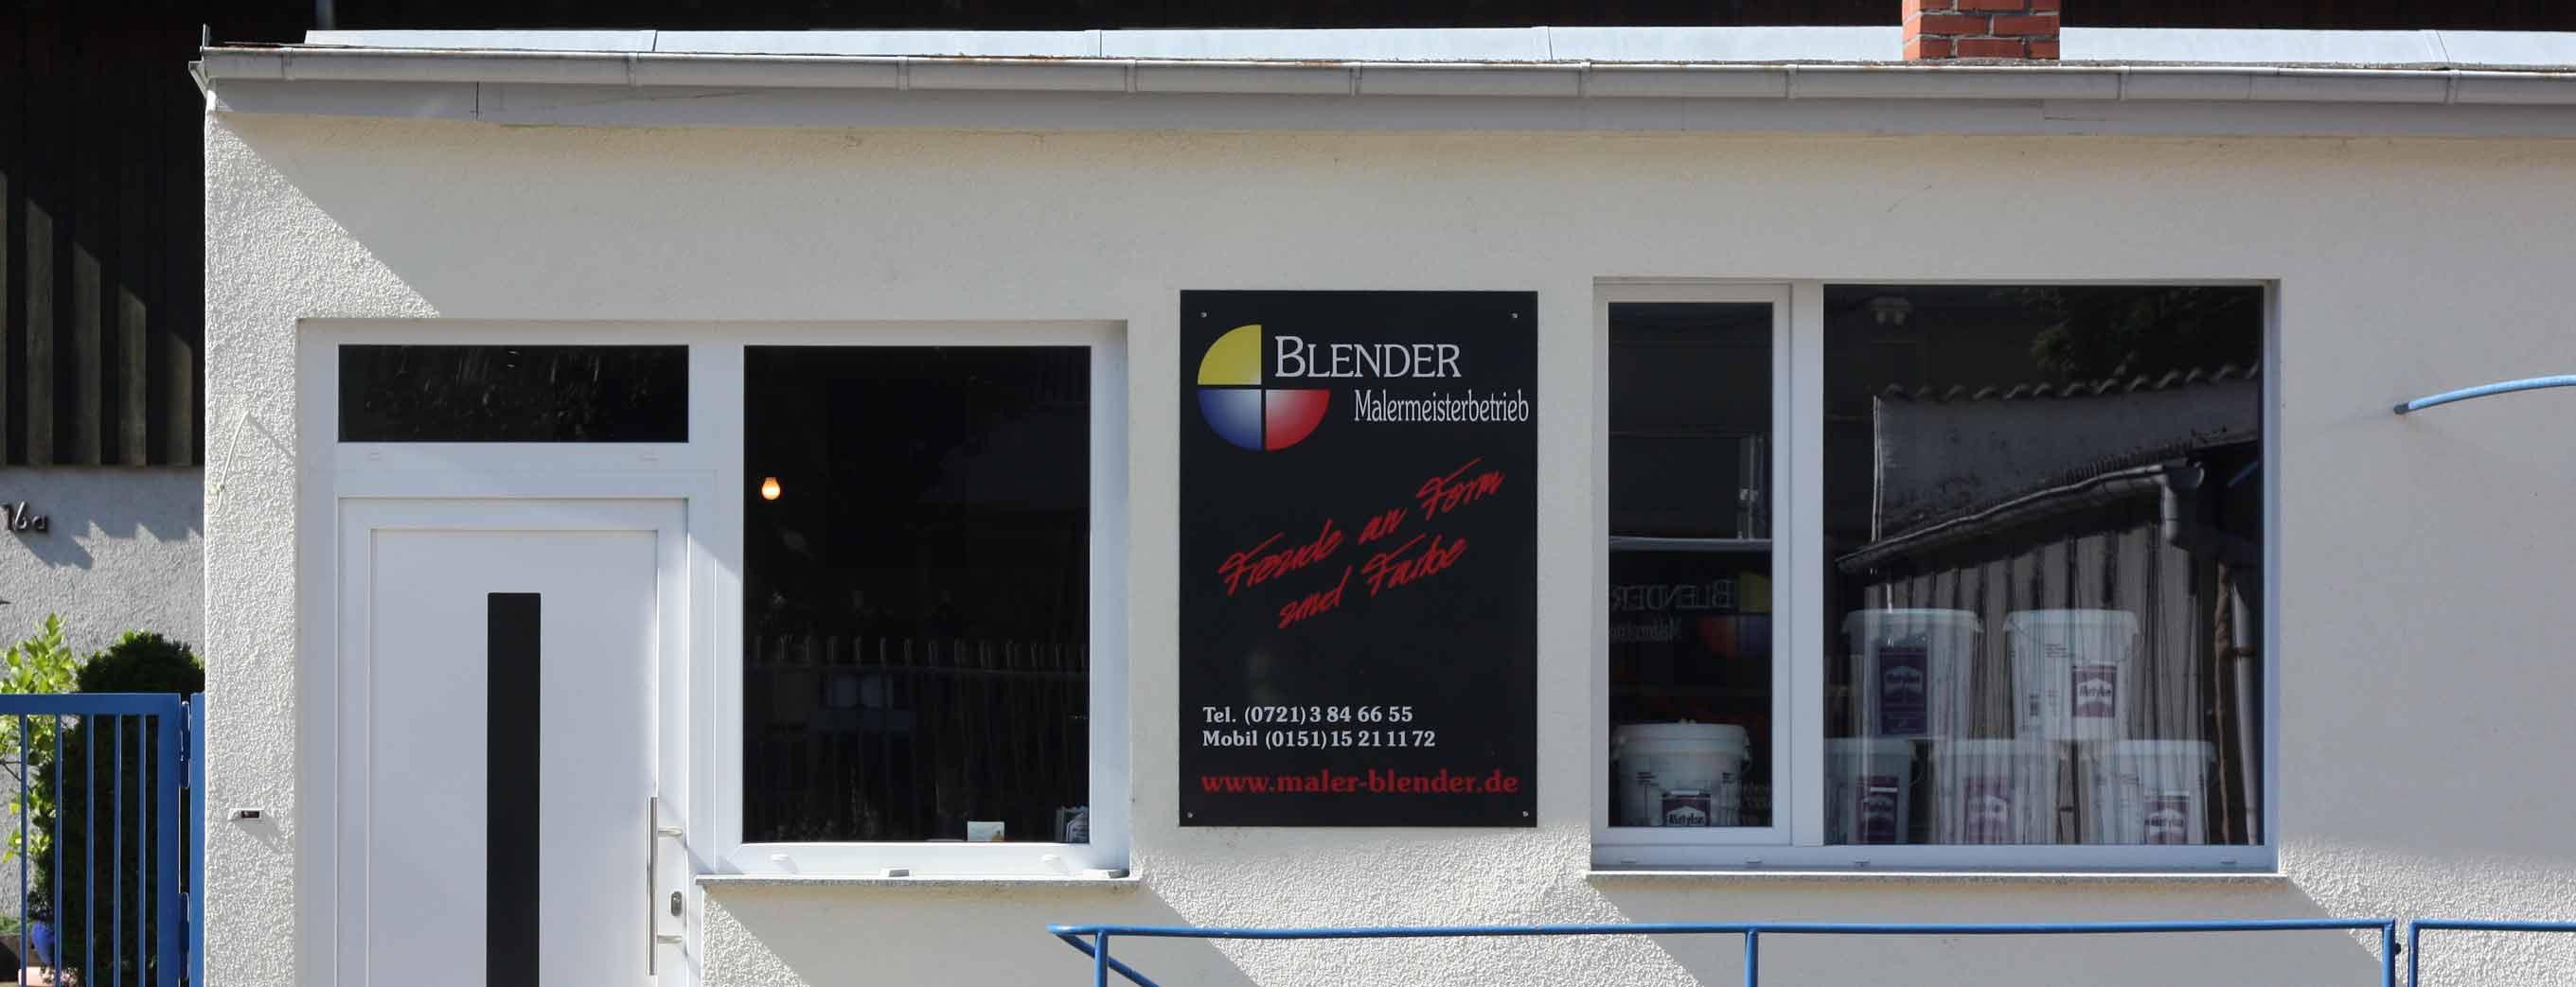 Malerarbeiten Timo Blender: Kontaktieren Sie uns!